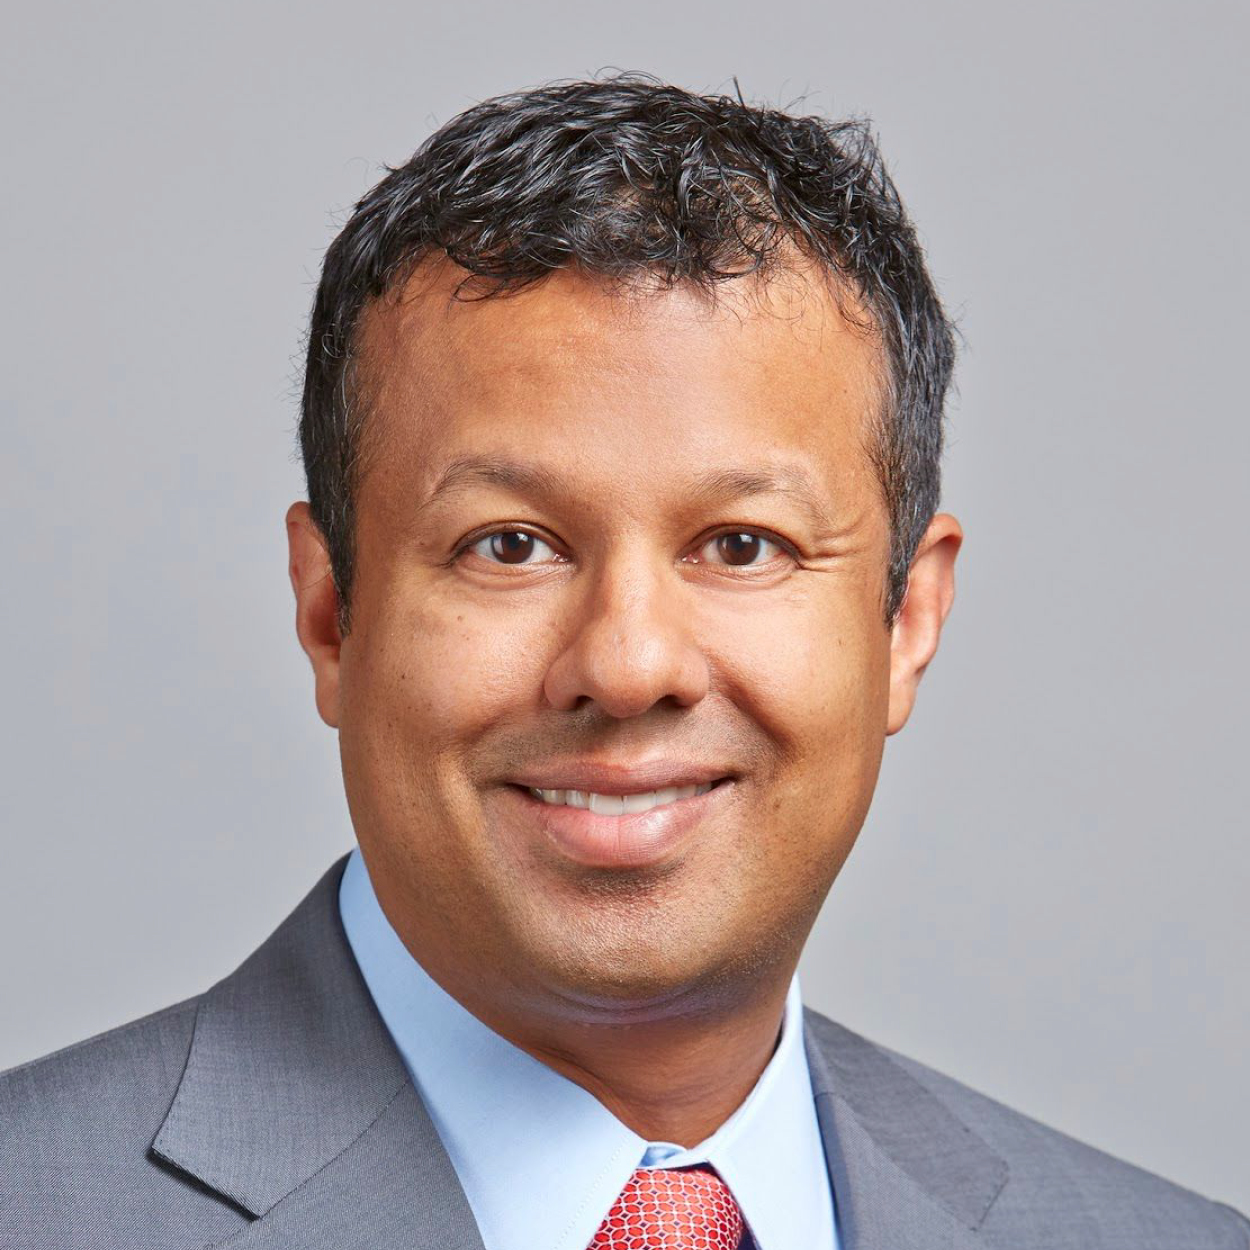 Neil Dhar